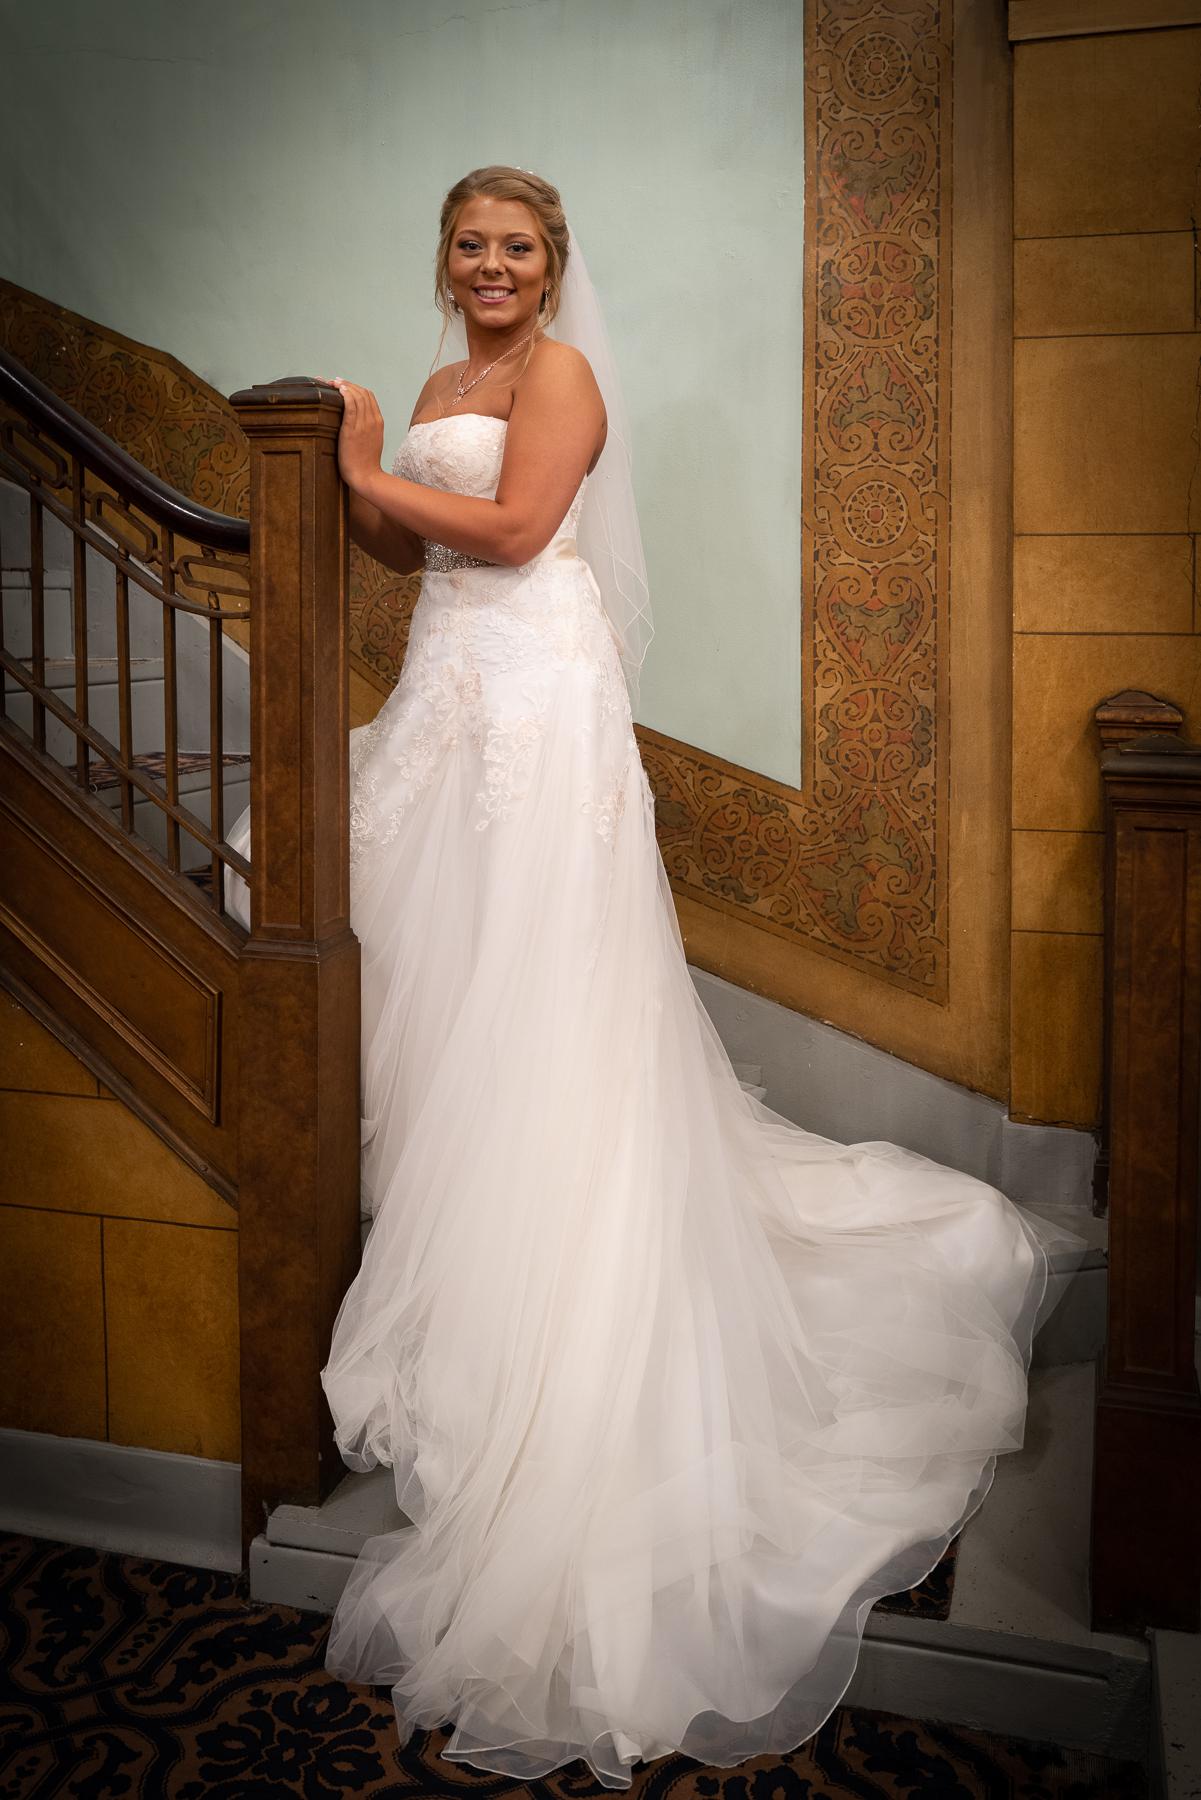 jadah-isaiah-bride-groom-10.jpg